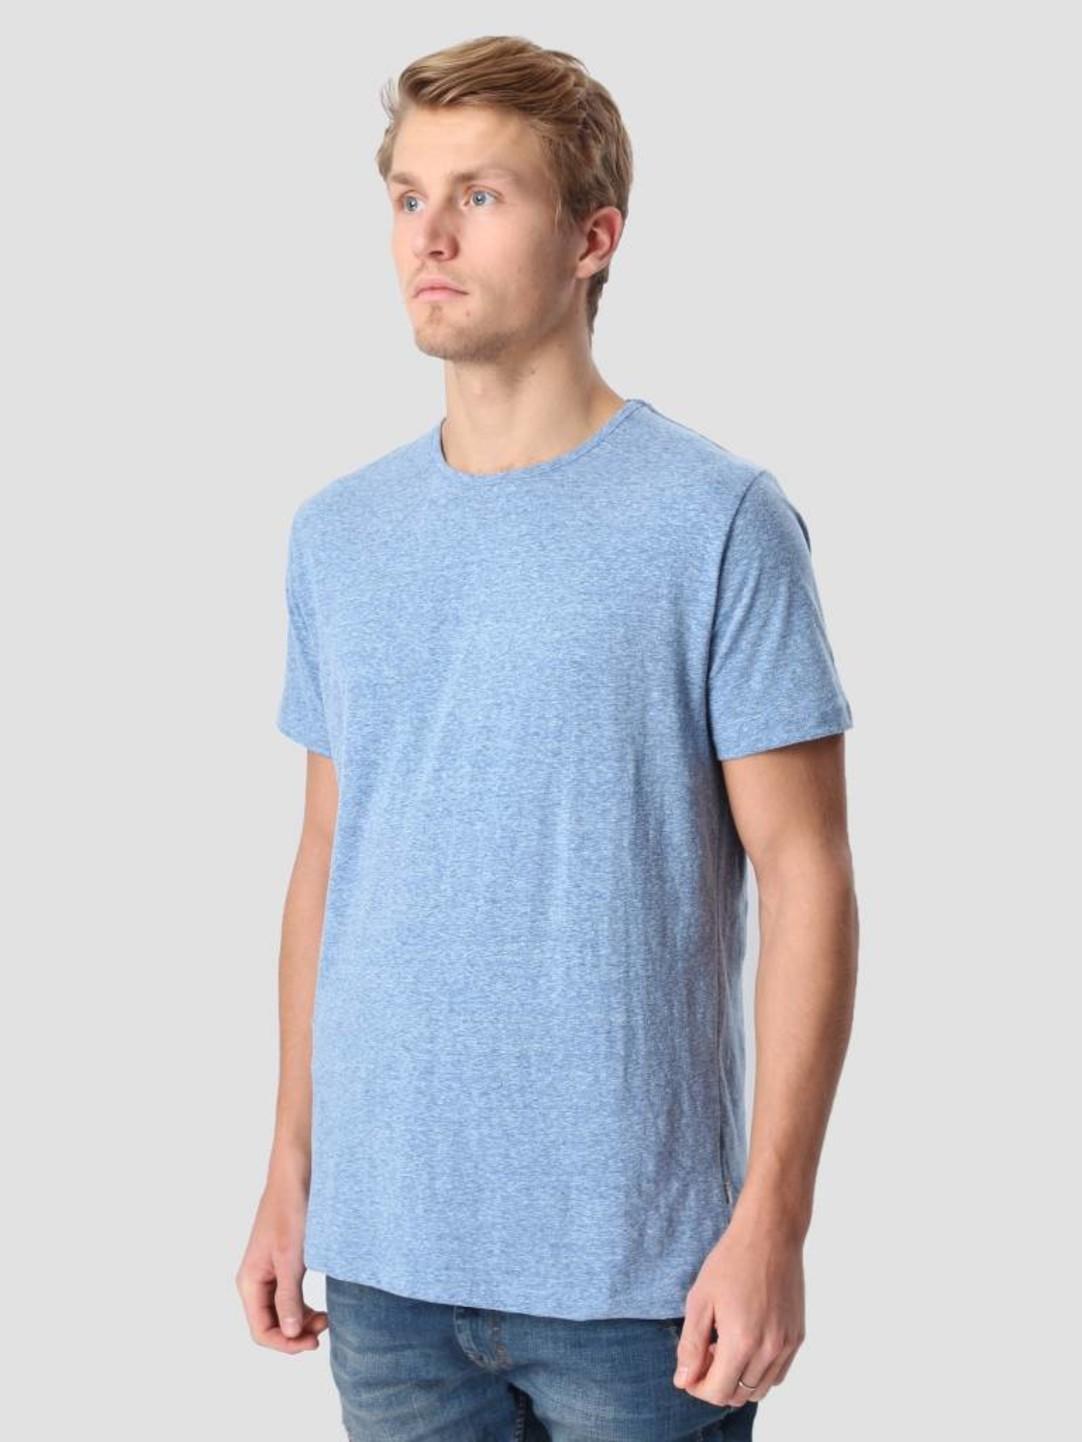 RVLT RVLT Round Neck T-Shirt Bright Blue 1001